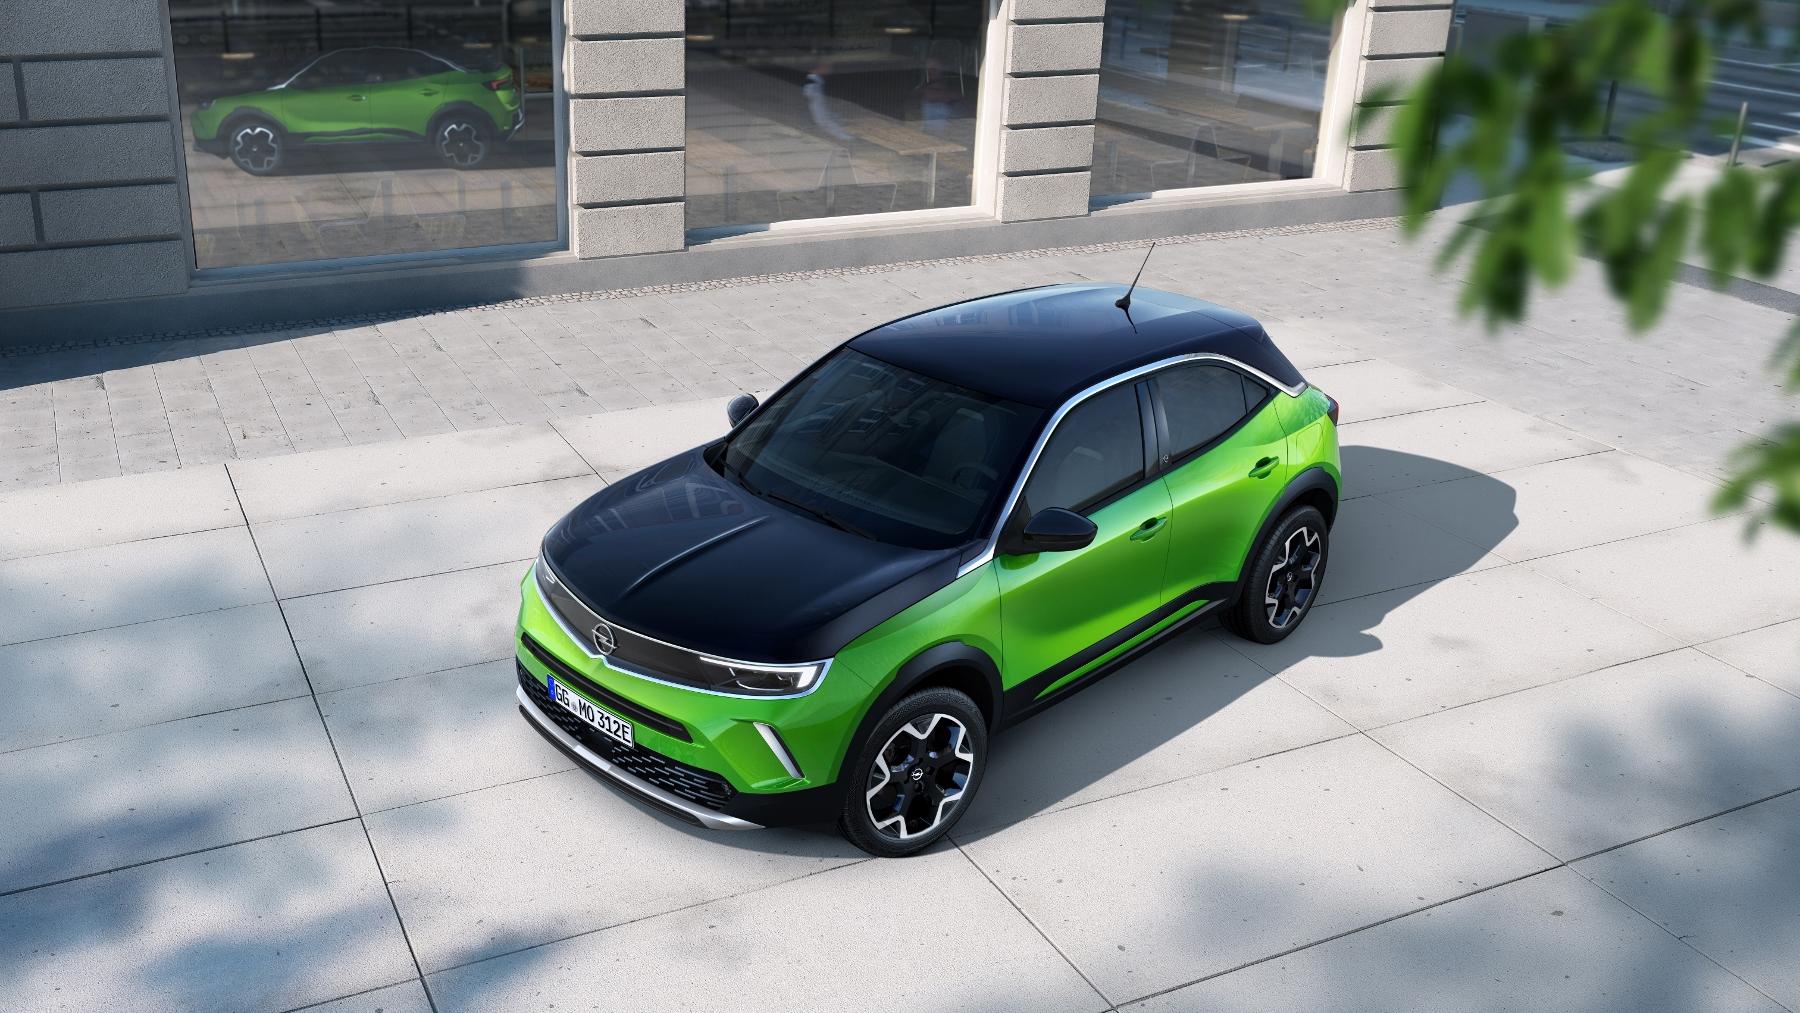 Opel Mokka sa od súrodencov odlíši odvážnym dizajnom wo4PUb4Nfh 07-opel-mokka-e-512171-1800x1013